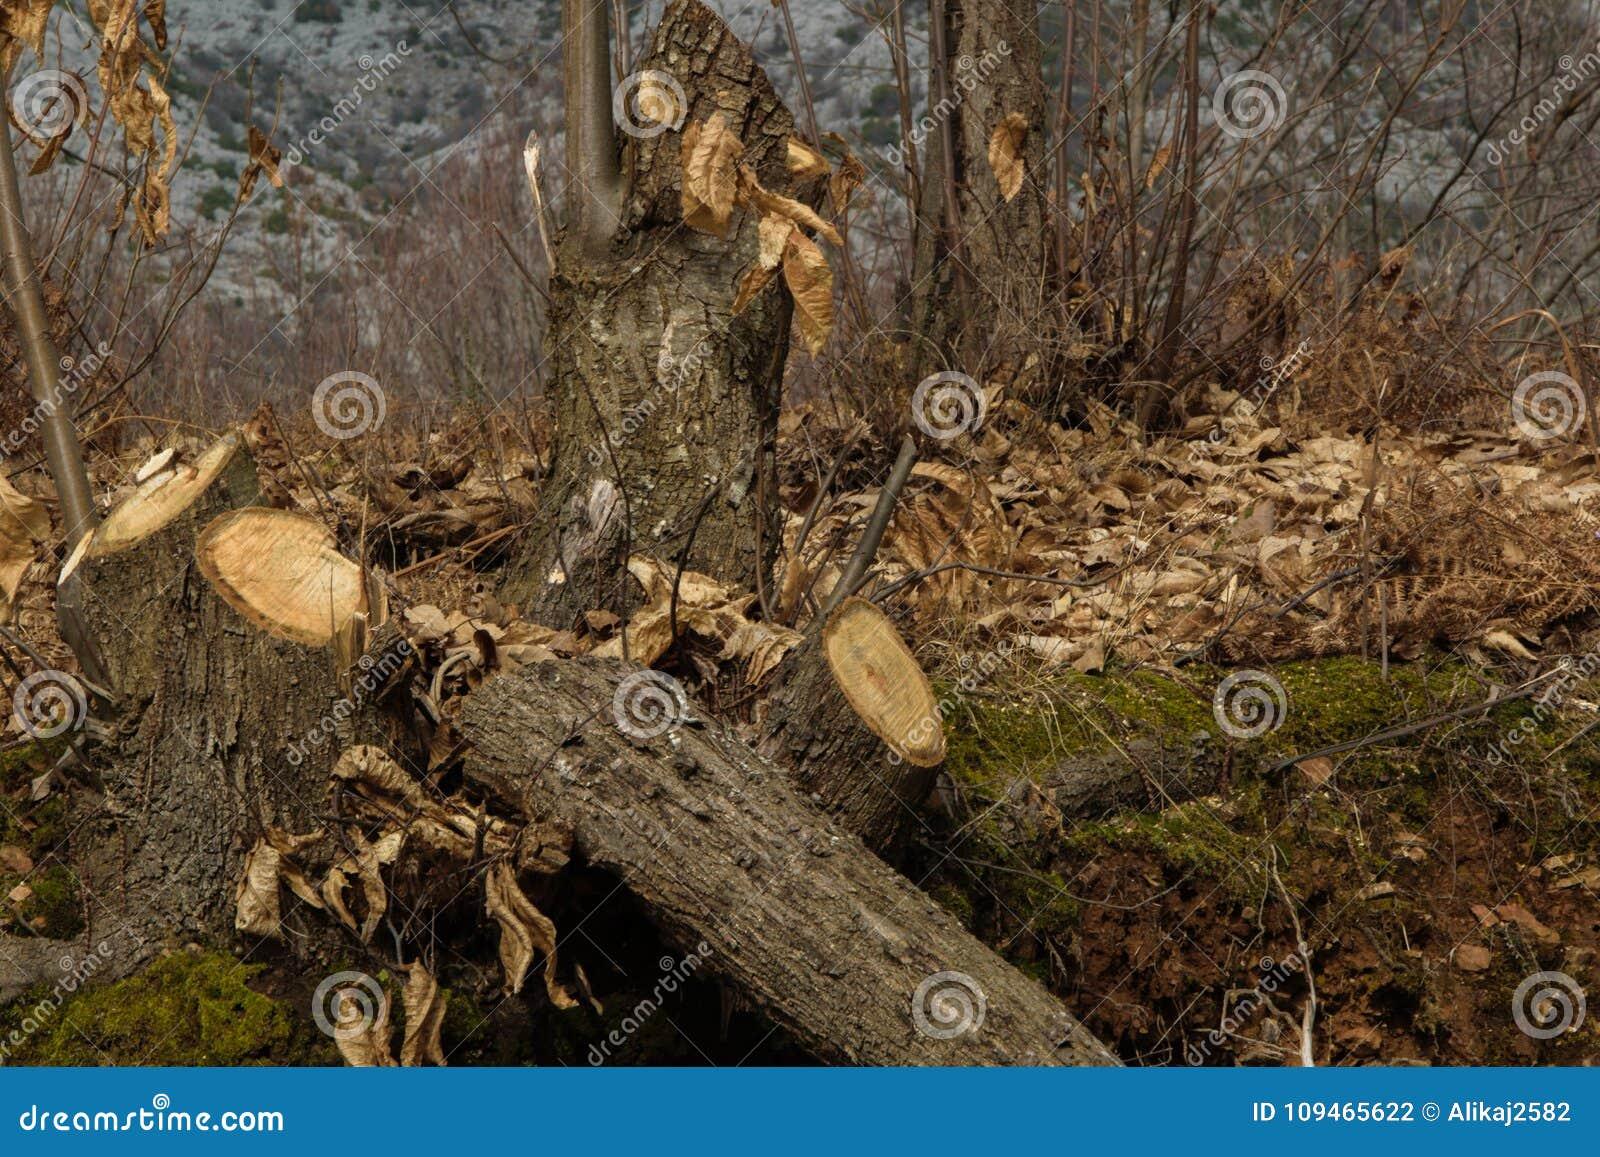 Tala de árboles - árboles jovenes cortados en la madera para la madera